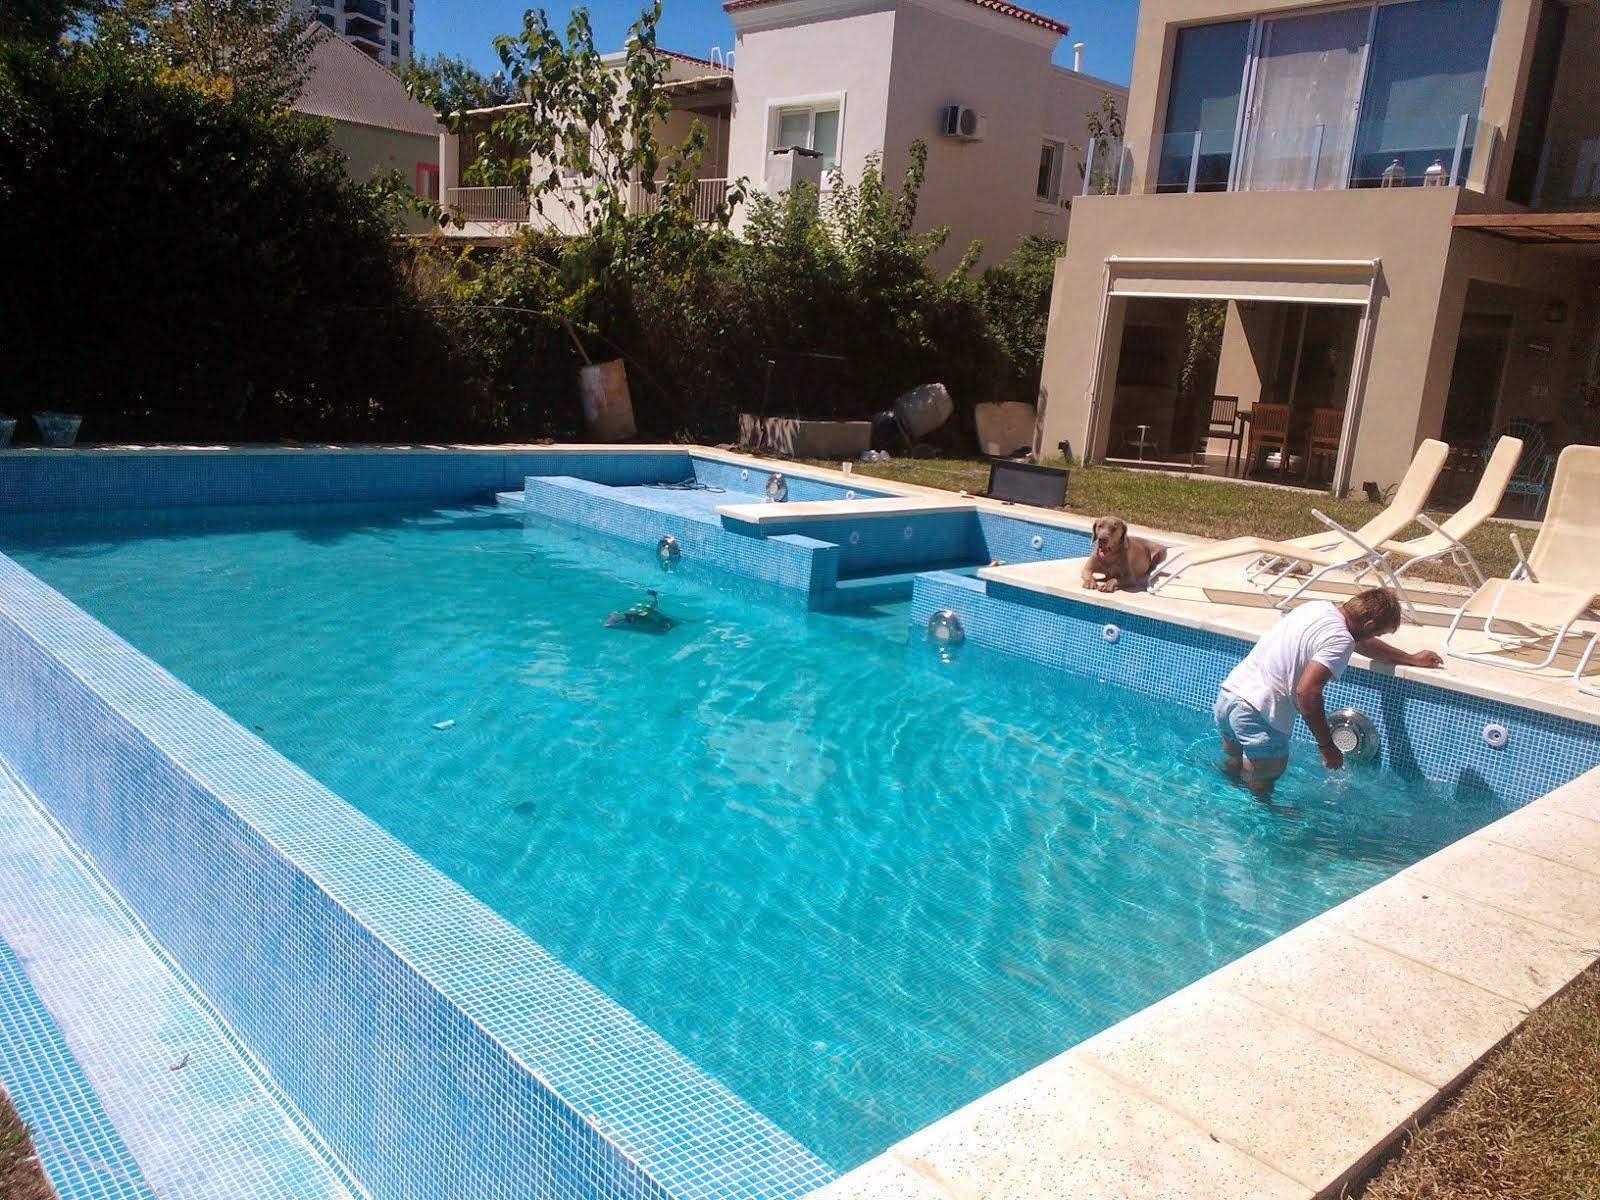 Piletas chicco construccion de piletas de natacion chicco for Piletas construccion precios